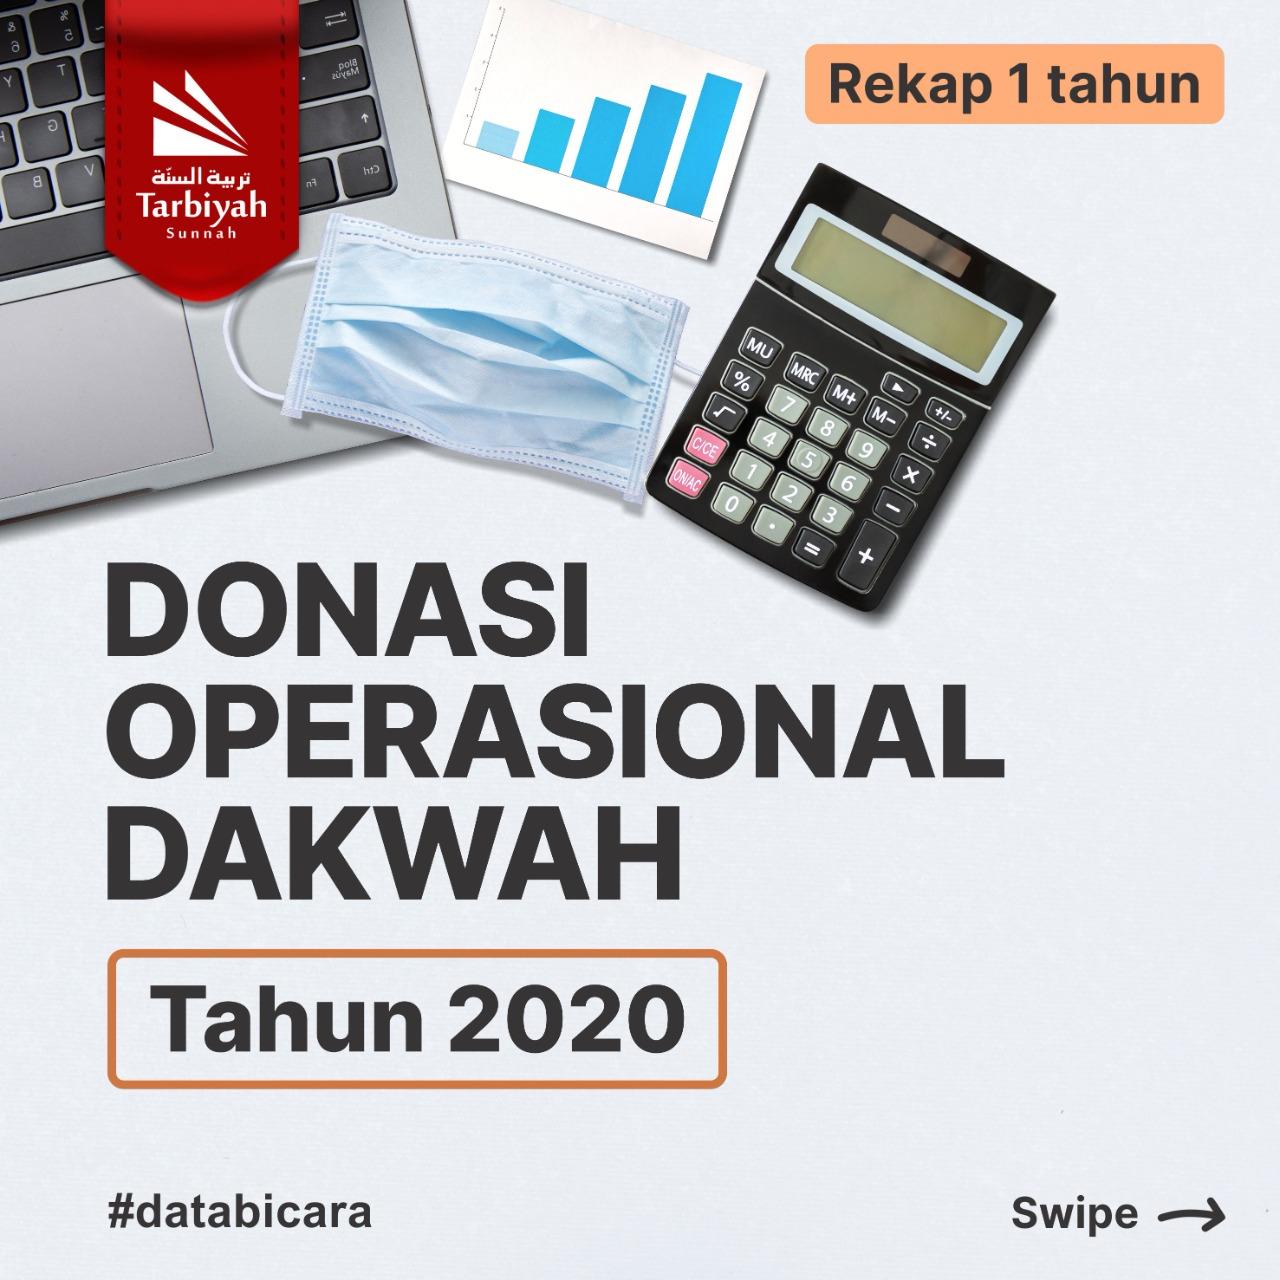 donasi_operasional_dakwah_1